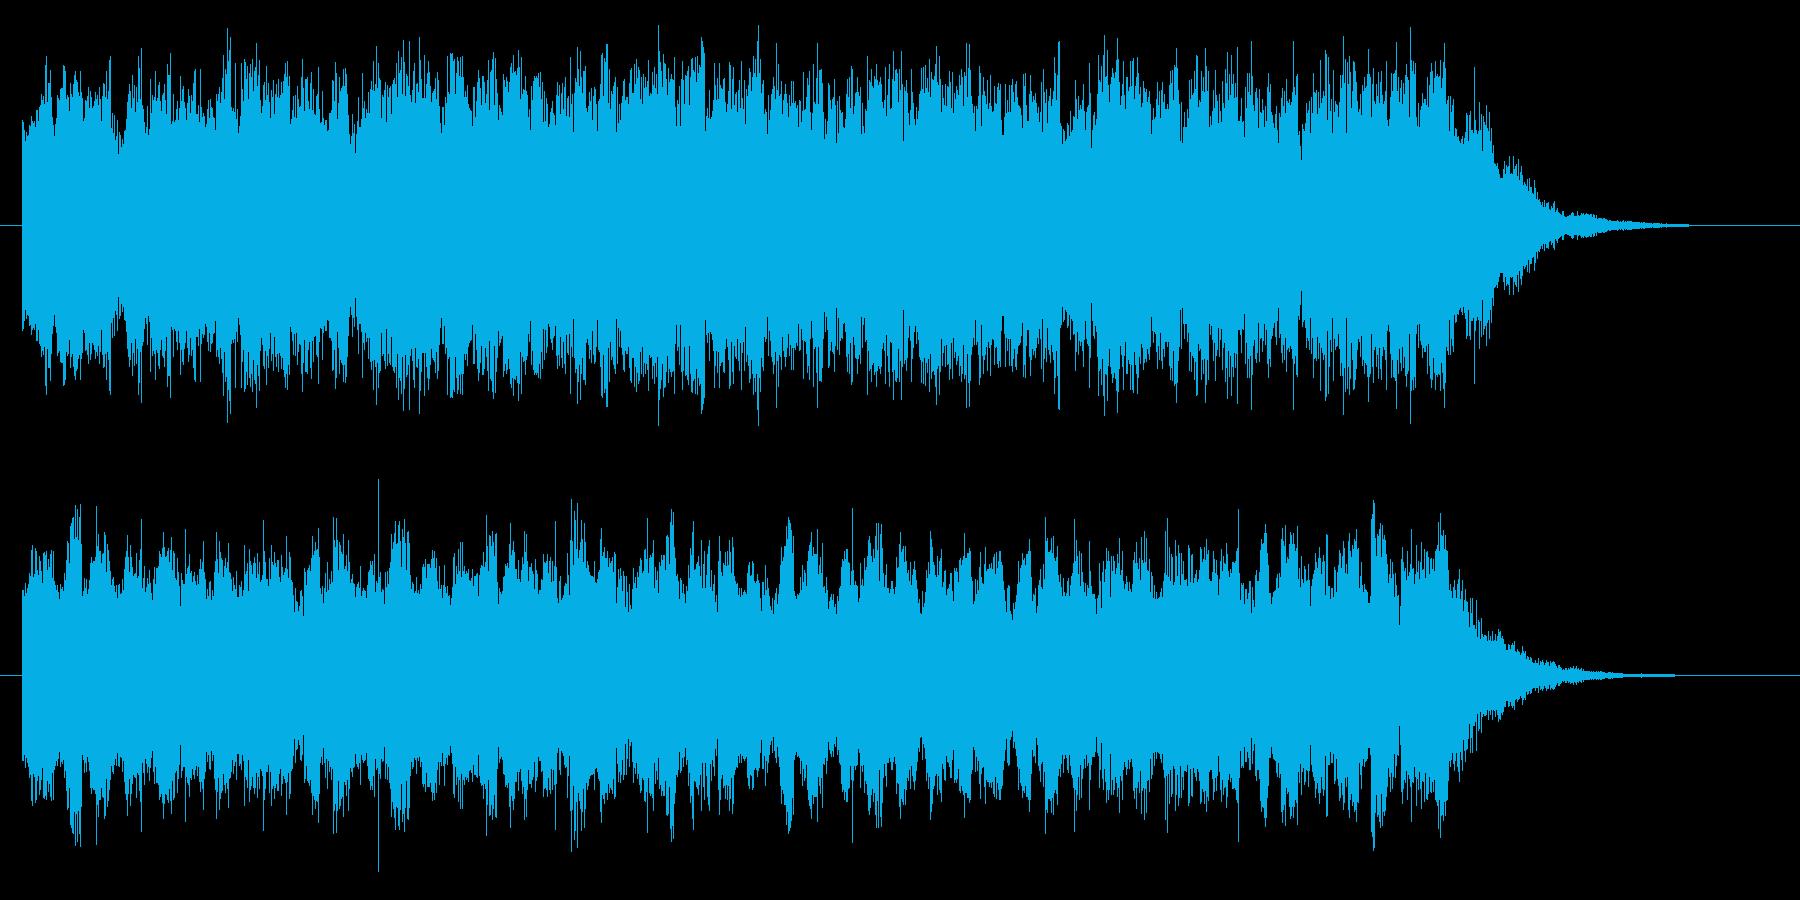 緊張感 不気味 ダーク 無機質 ホラーの再生済みの波形